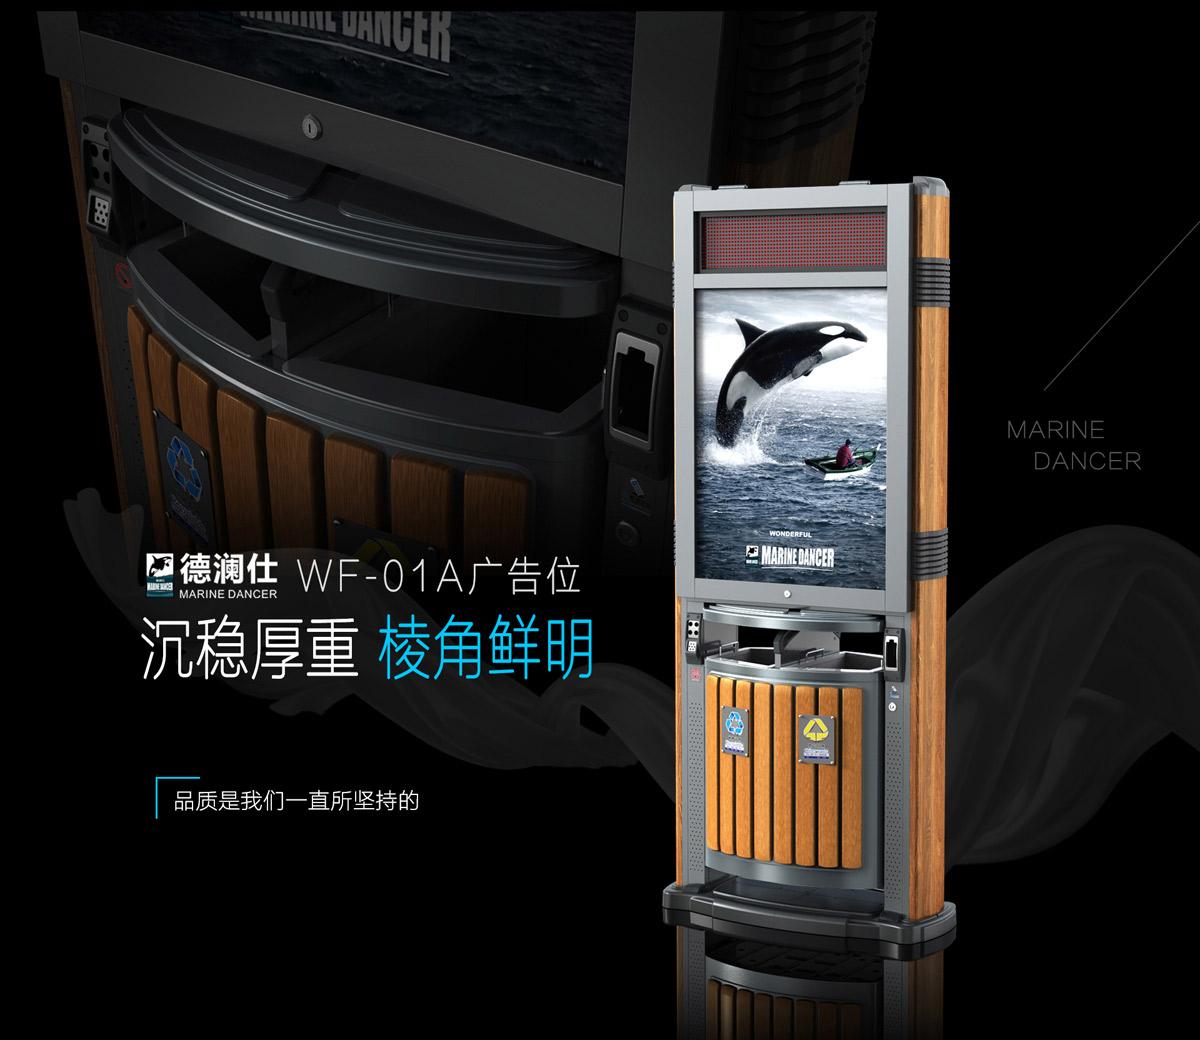 WF-01A广告垃圾箱1.jpg